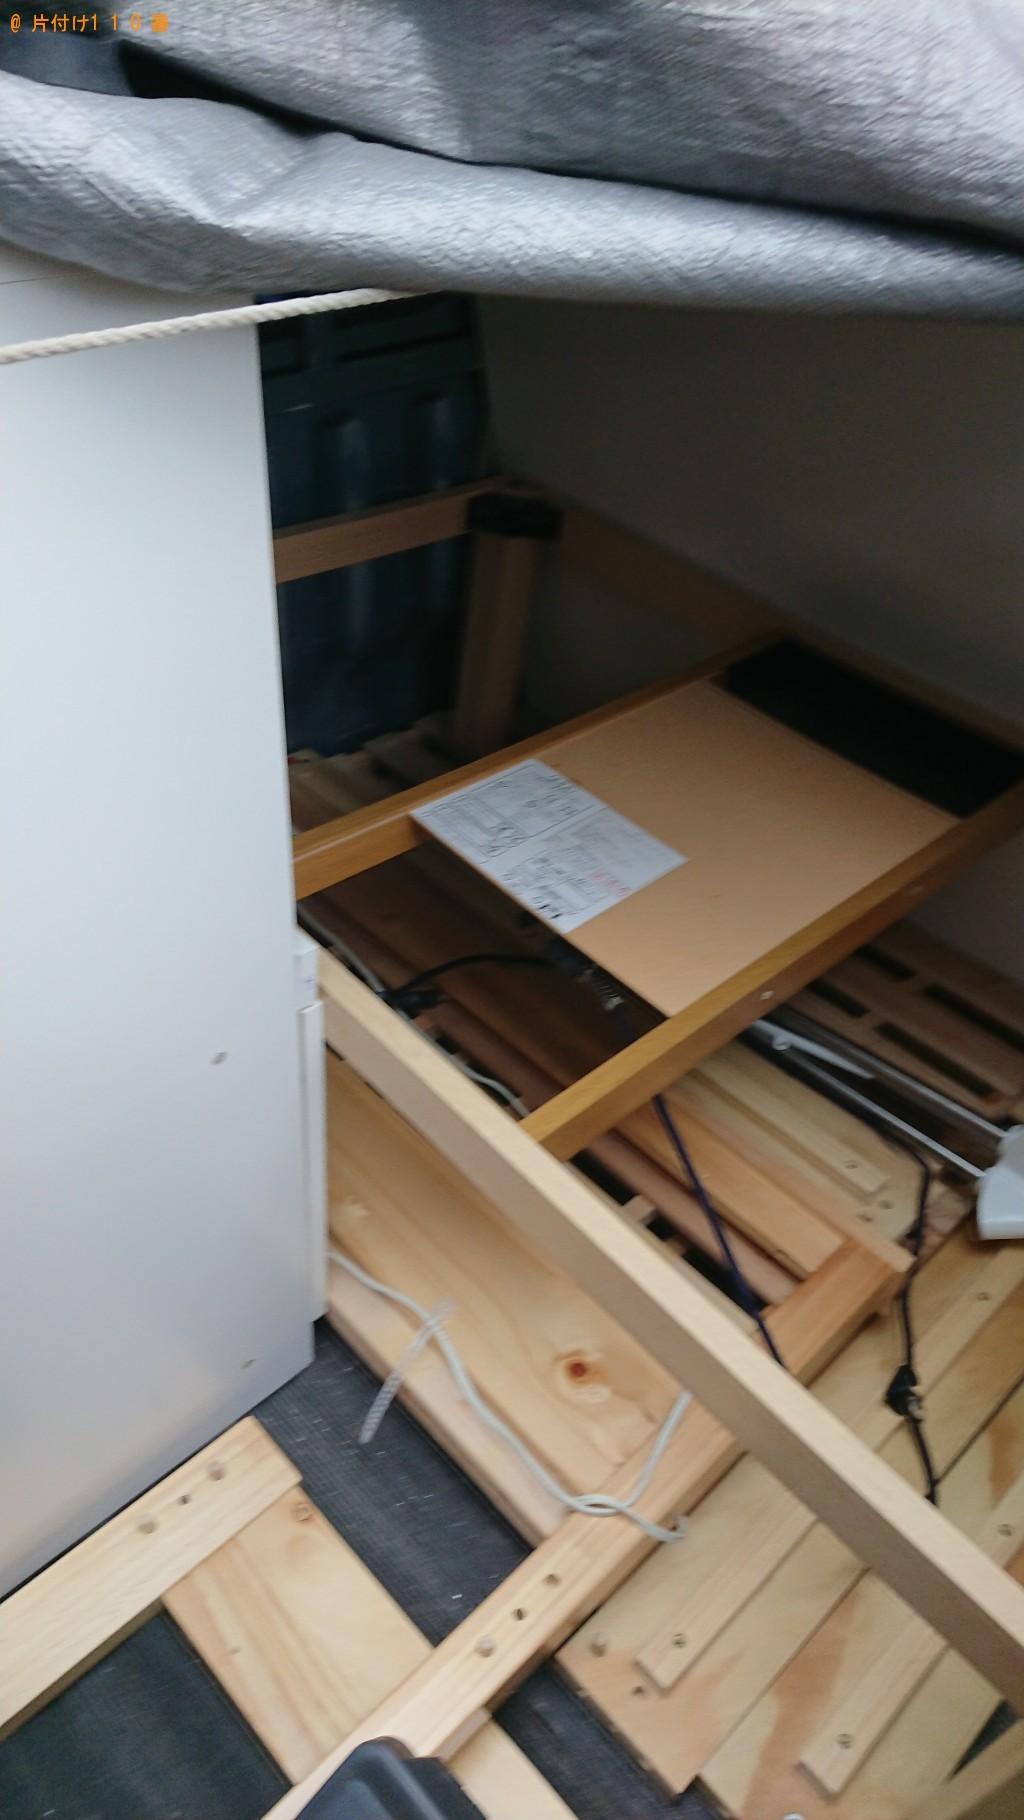 【東村山市】シングルベッド、木箱等の回収・処分ご依頼